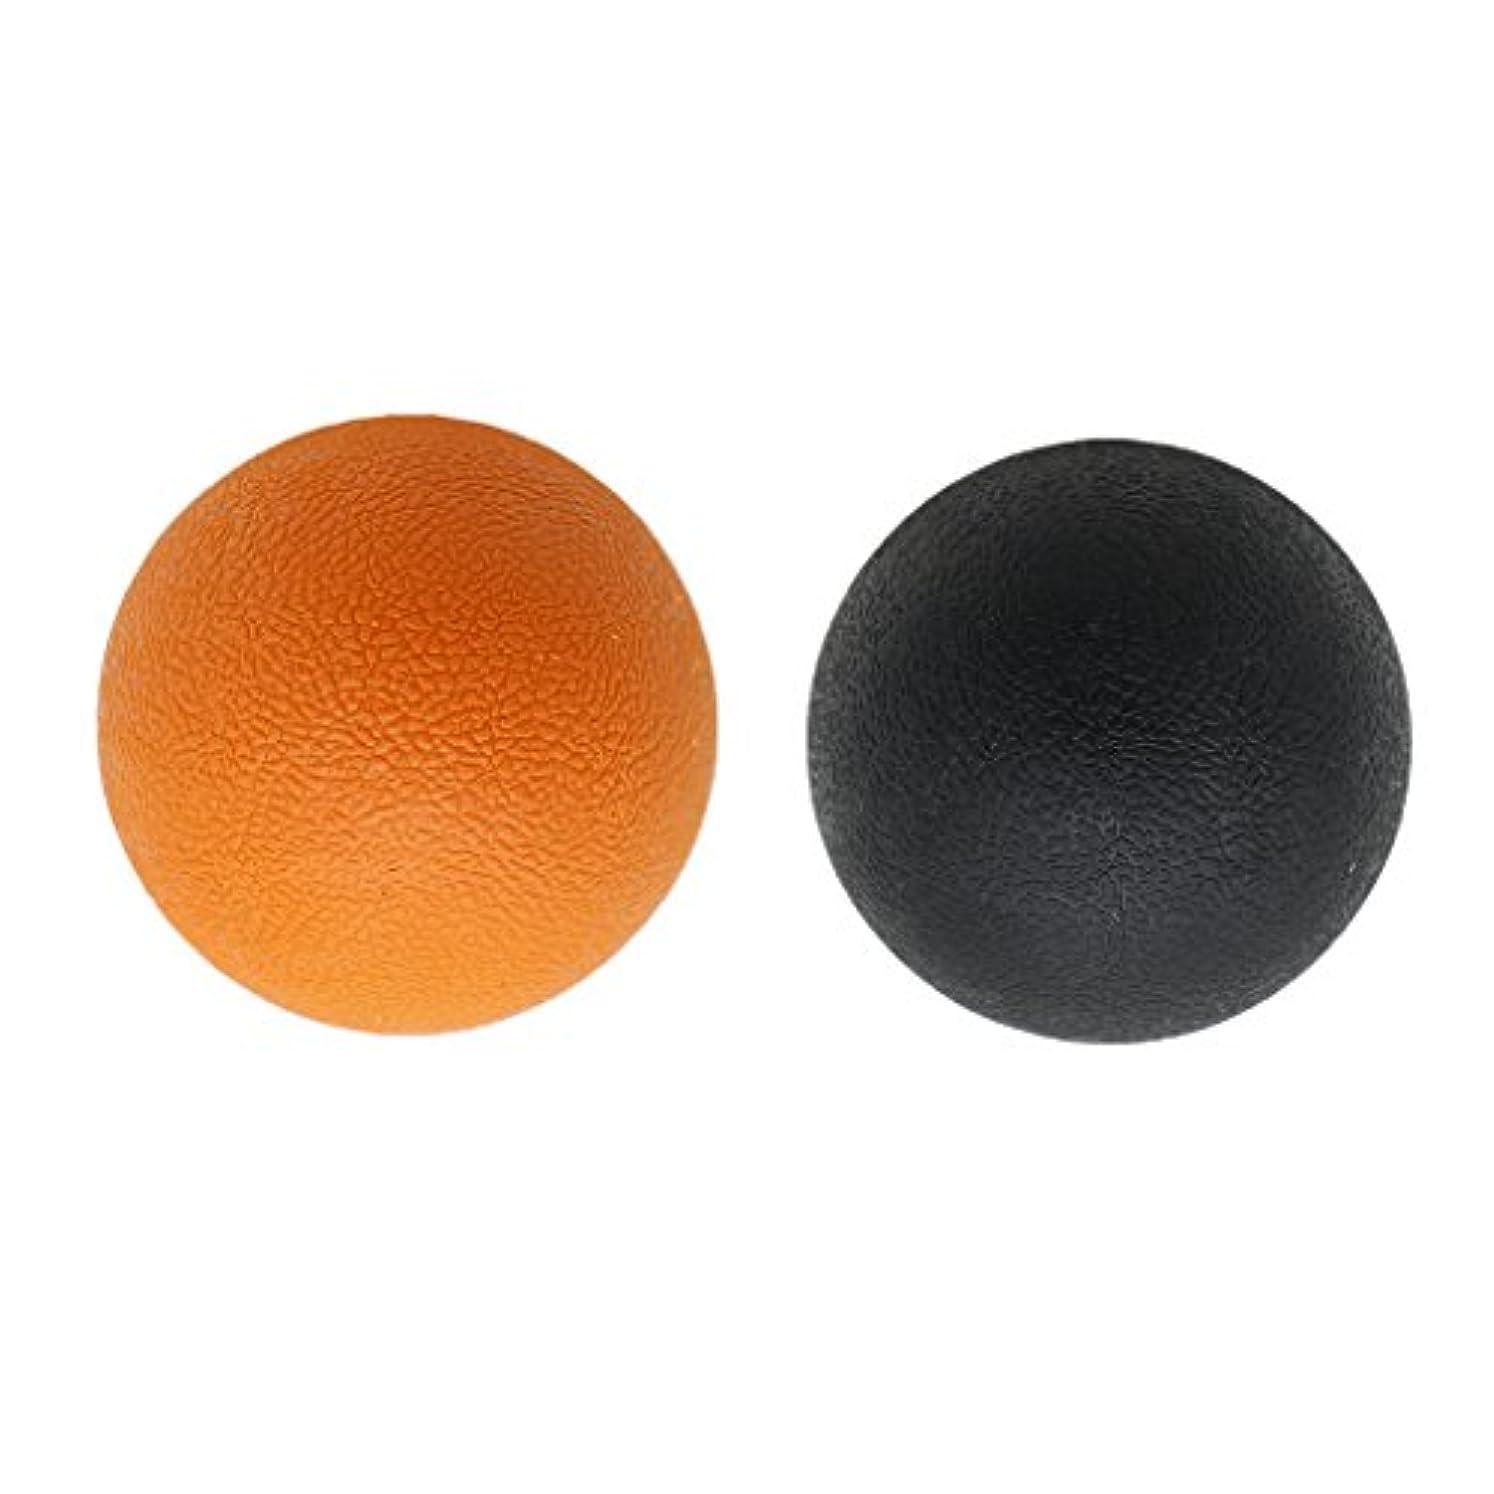 宿命心配望ましい2個 マッサージボール ストレッチボール トリガーポイント トレーニング マッサージ リラックス 家庭 ジム 旅行 学校 オフィス 便利 多色選べる - オレンジブラック